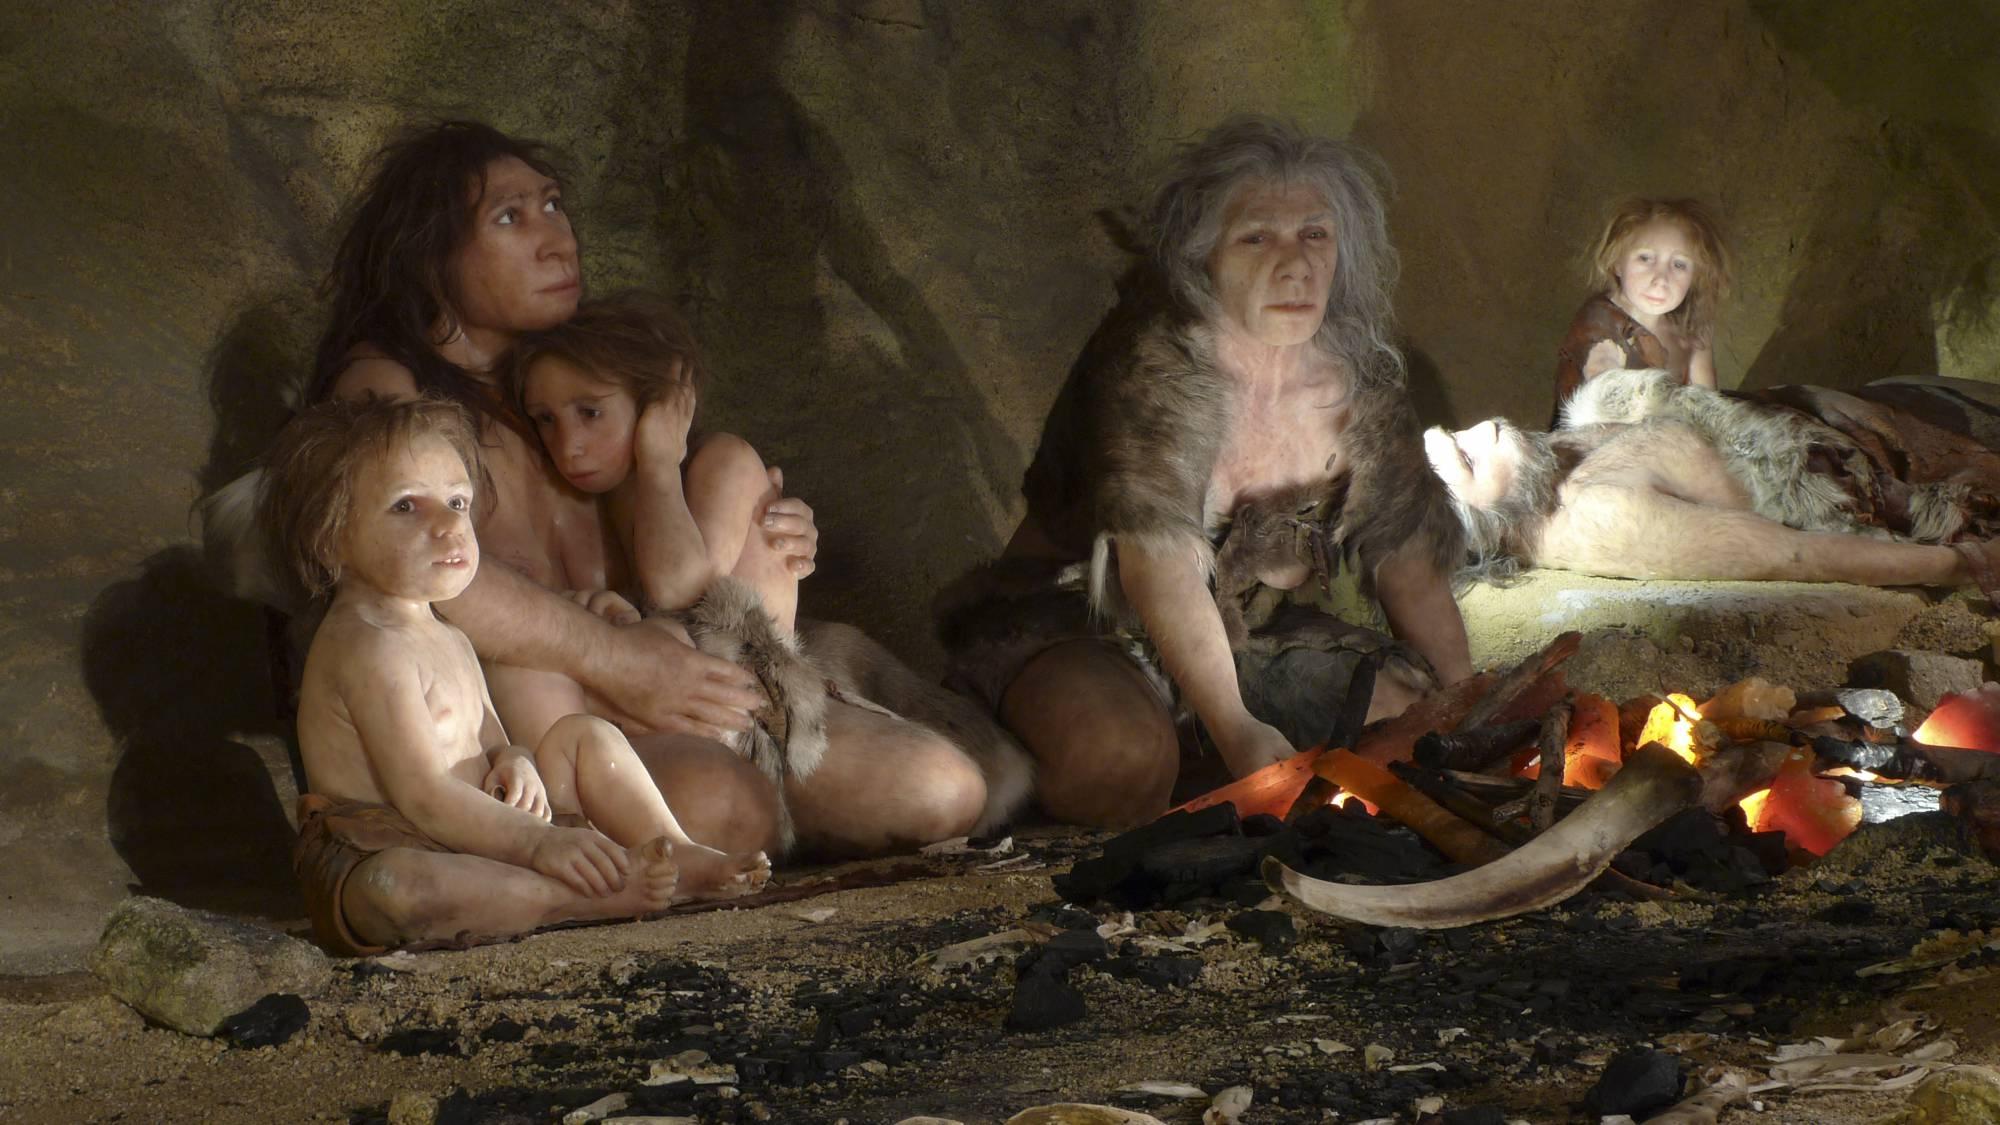 картинка неандерталец в пещере фильма побывали